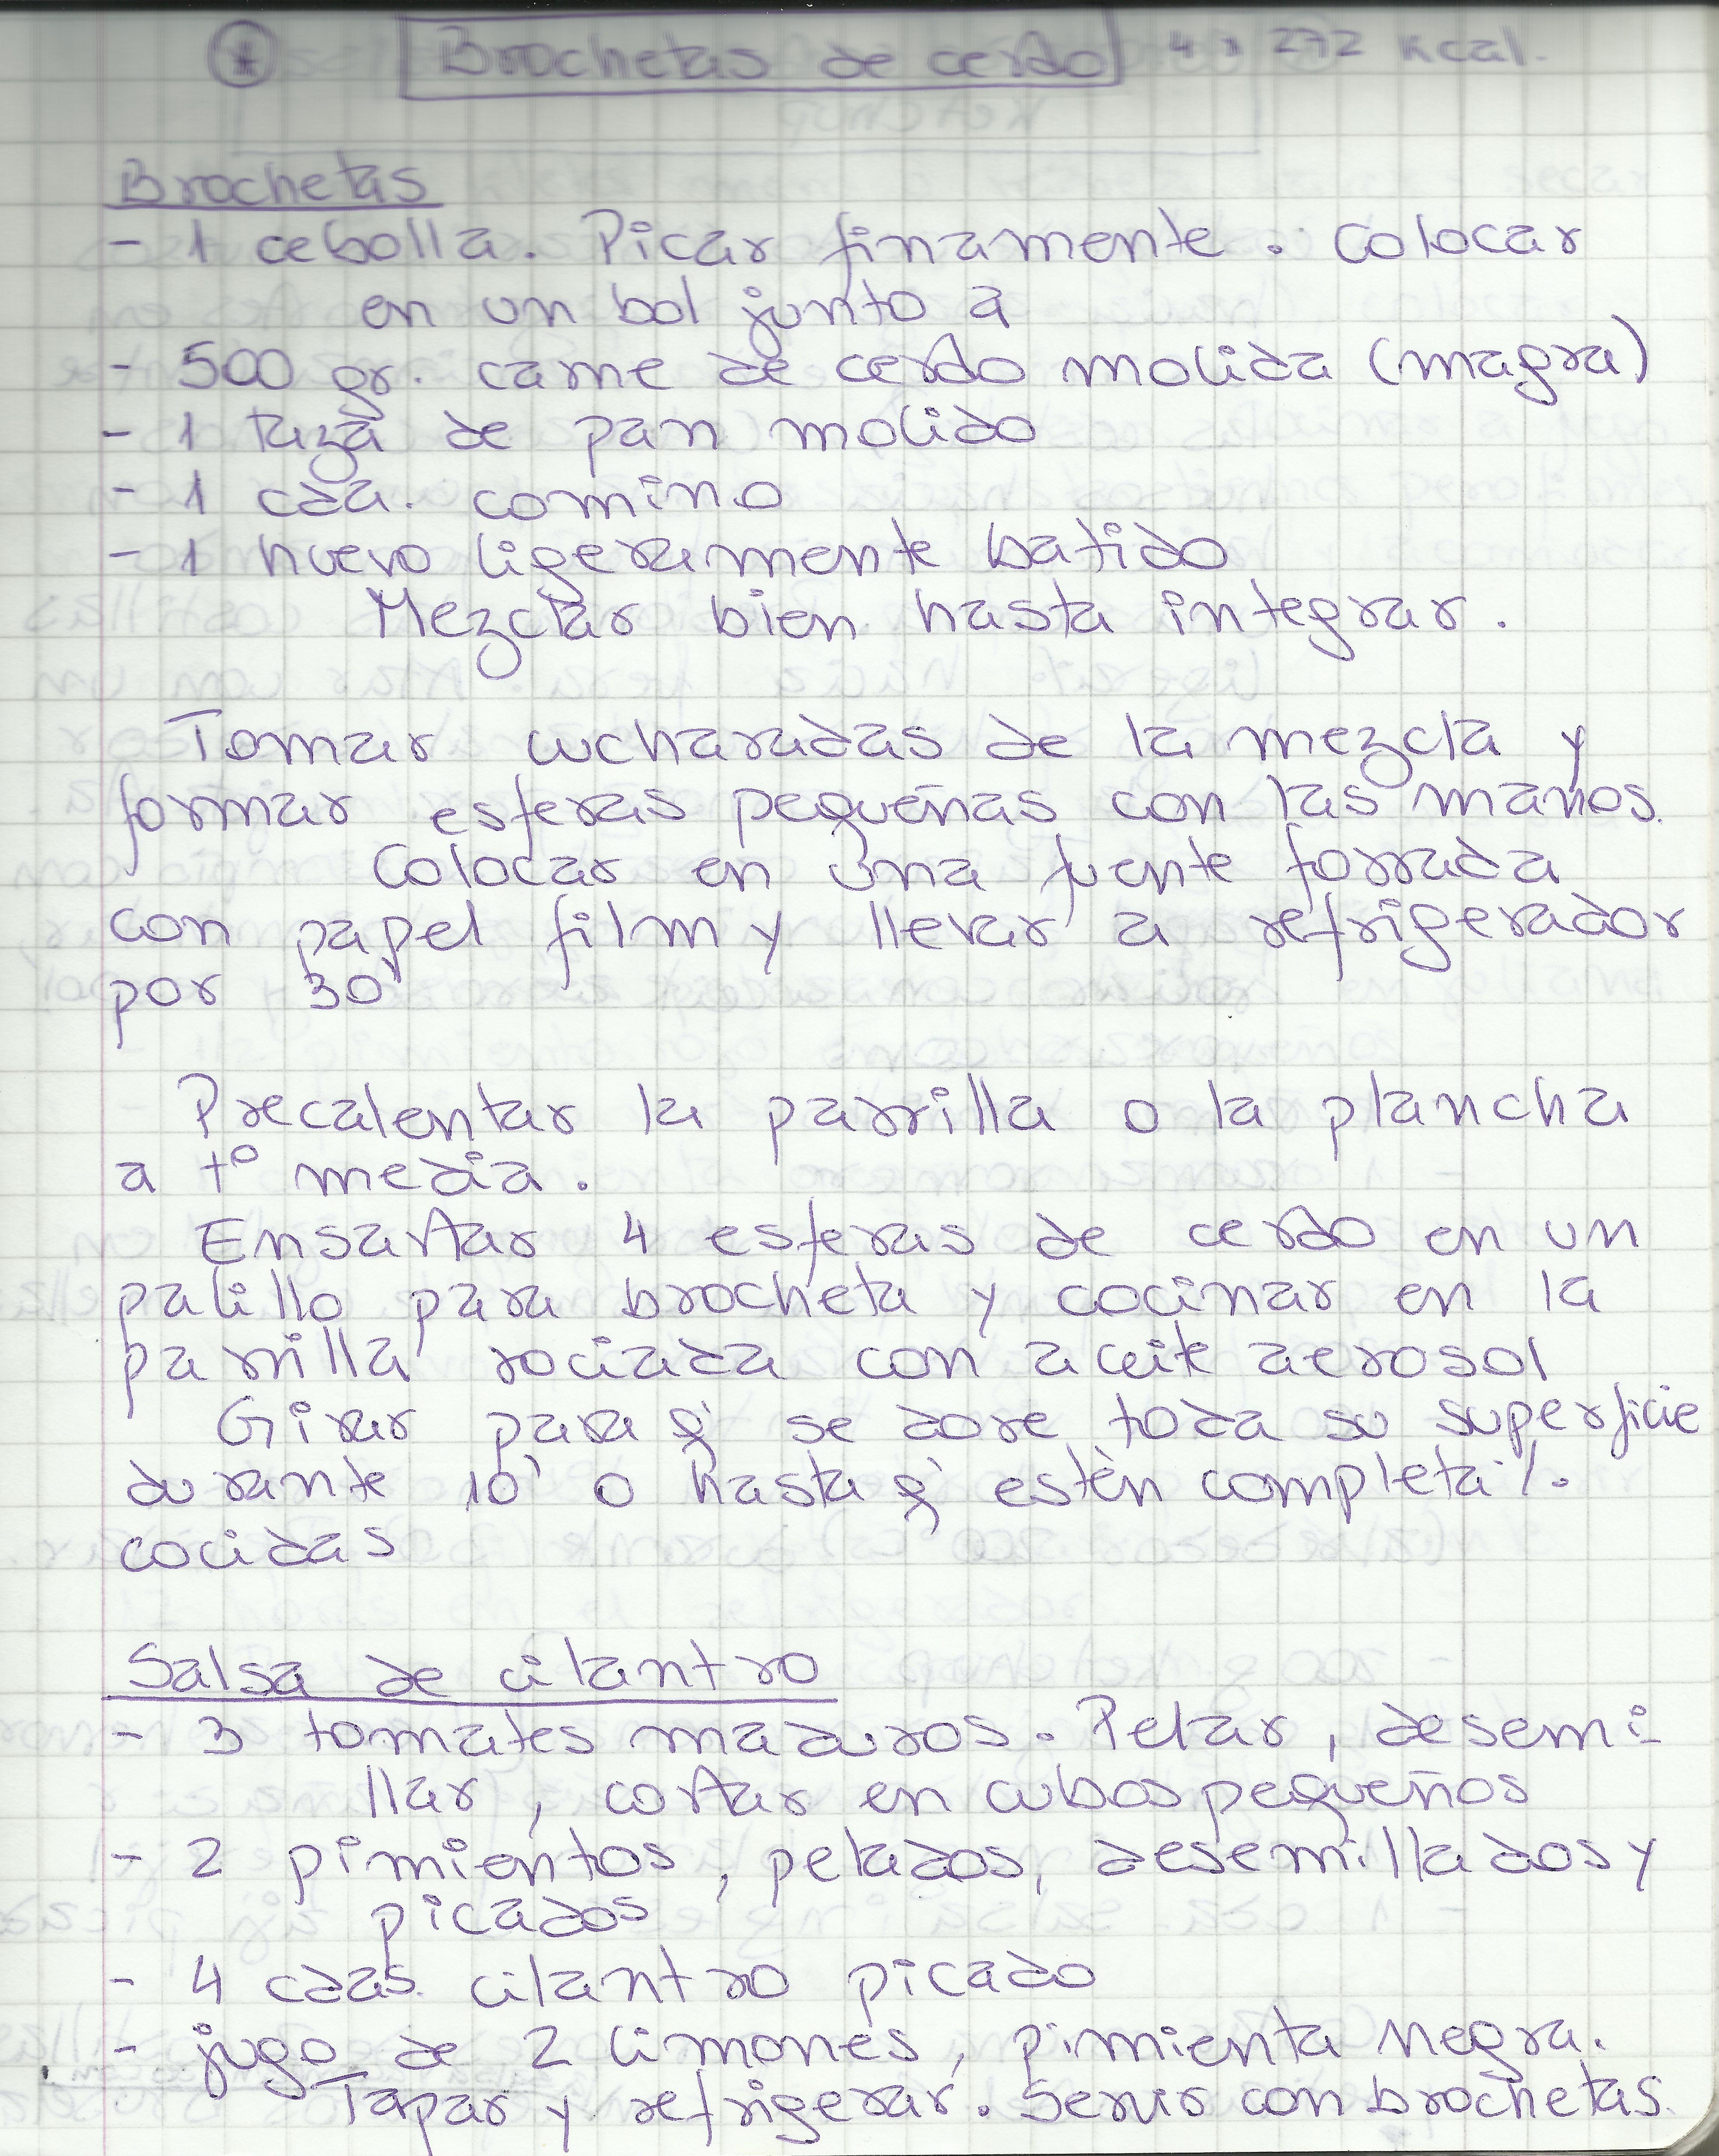 BROCHETAS DE CERDO   #SALADO #COCTEL #COCTEL #CERDO